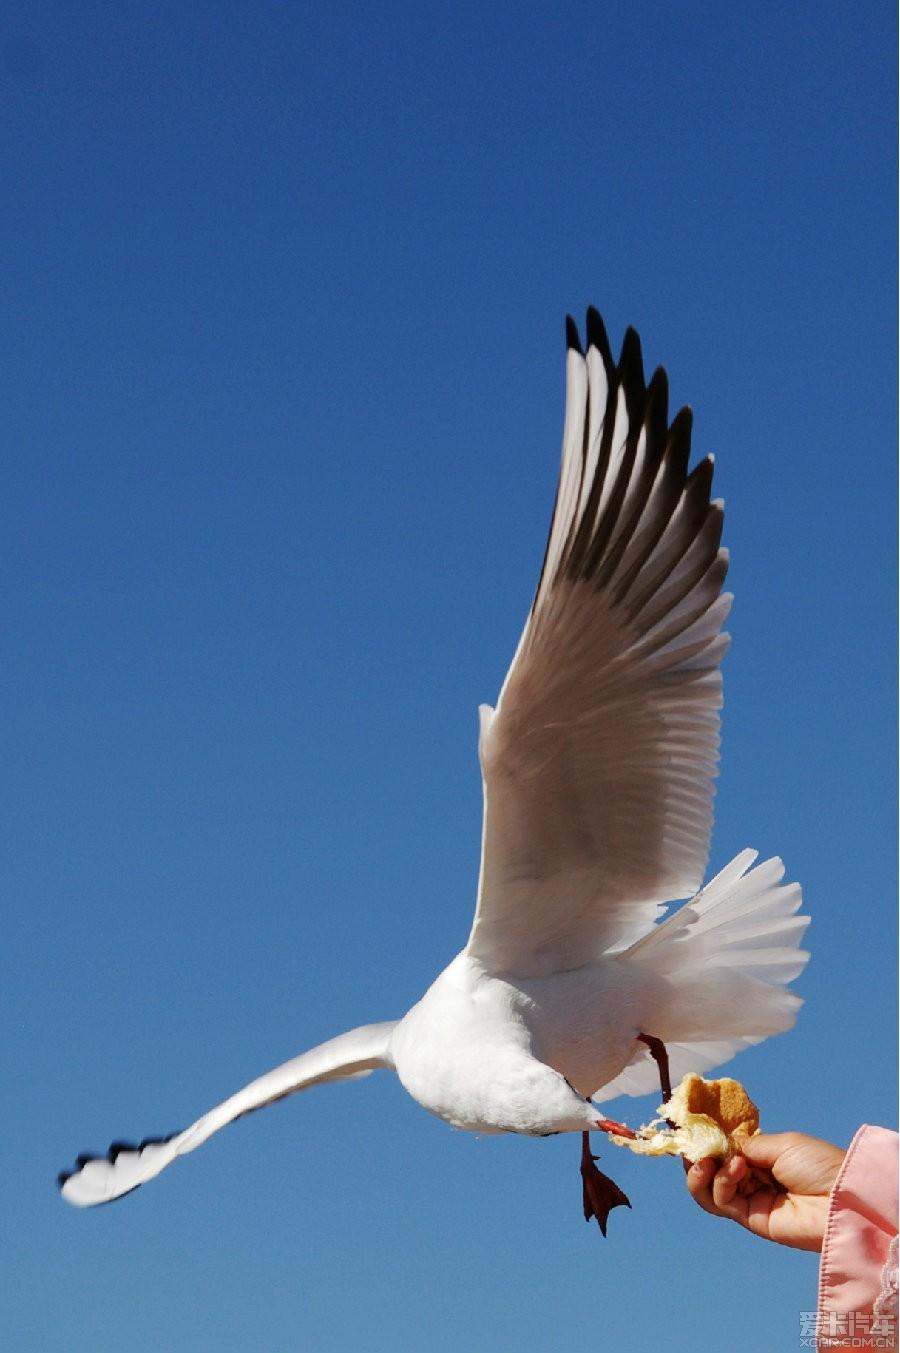 昆明海埂映像之美食,大爱大爱啊!_四川论坛_Xv映像手绘图片海鸥图片